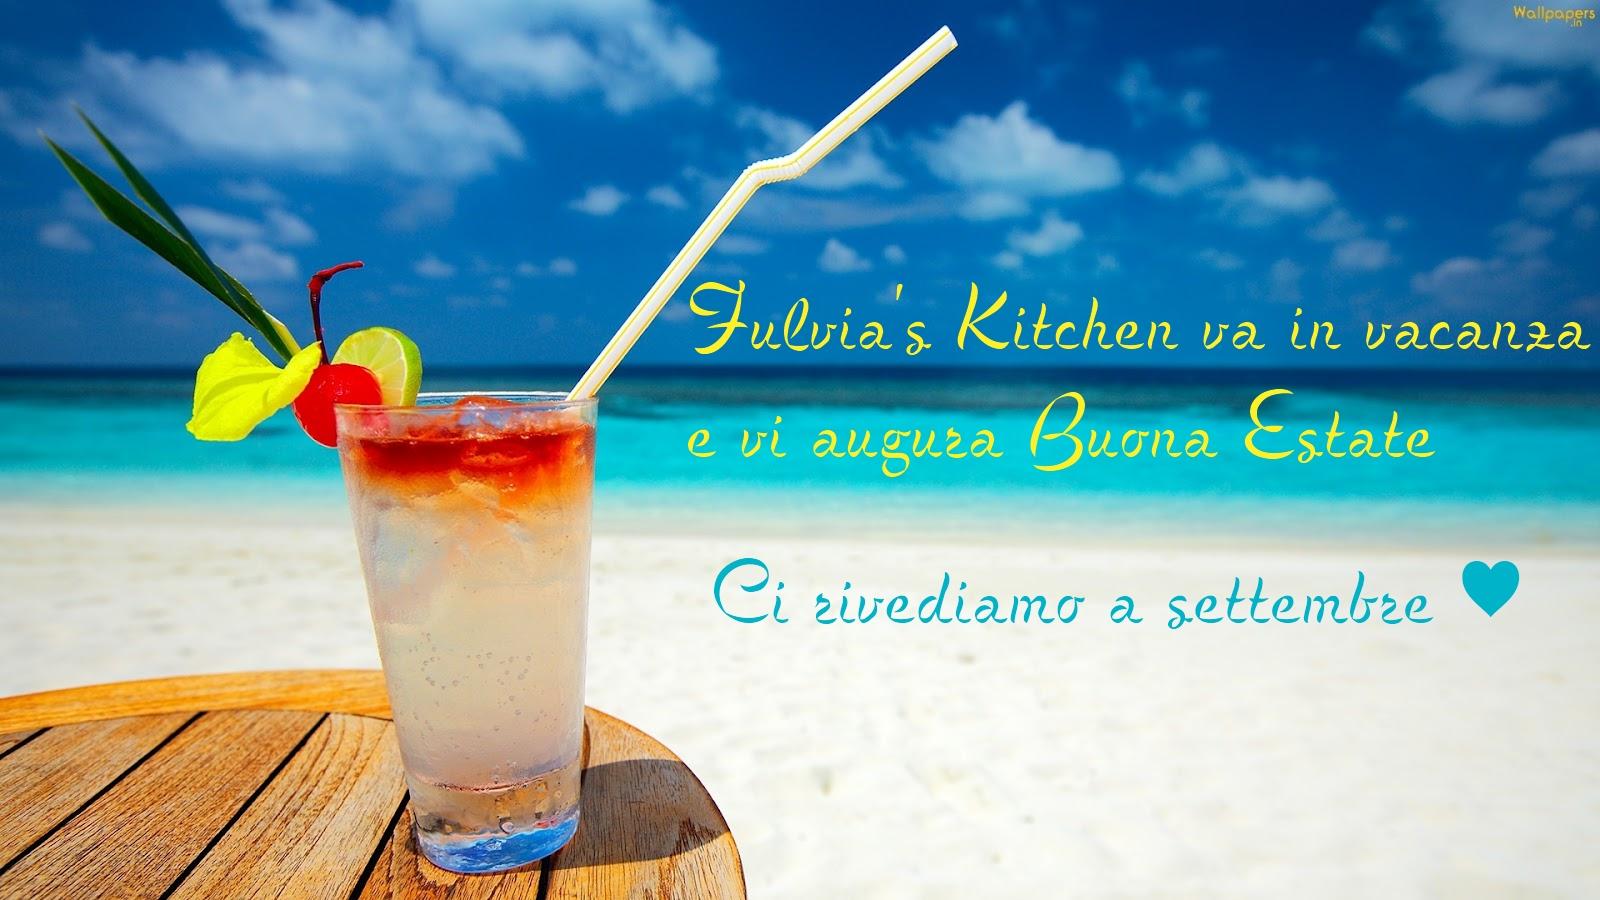 ♥ Chiusura estiva…. ci rivediamo a settembre! ♥